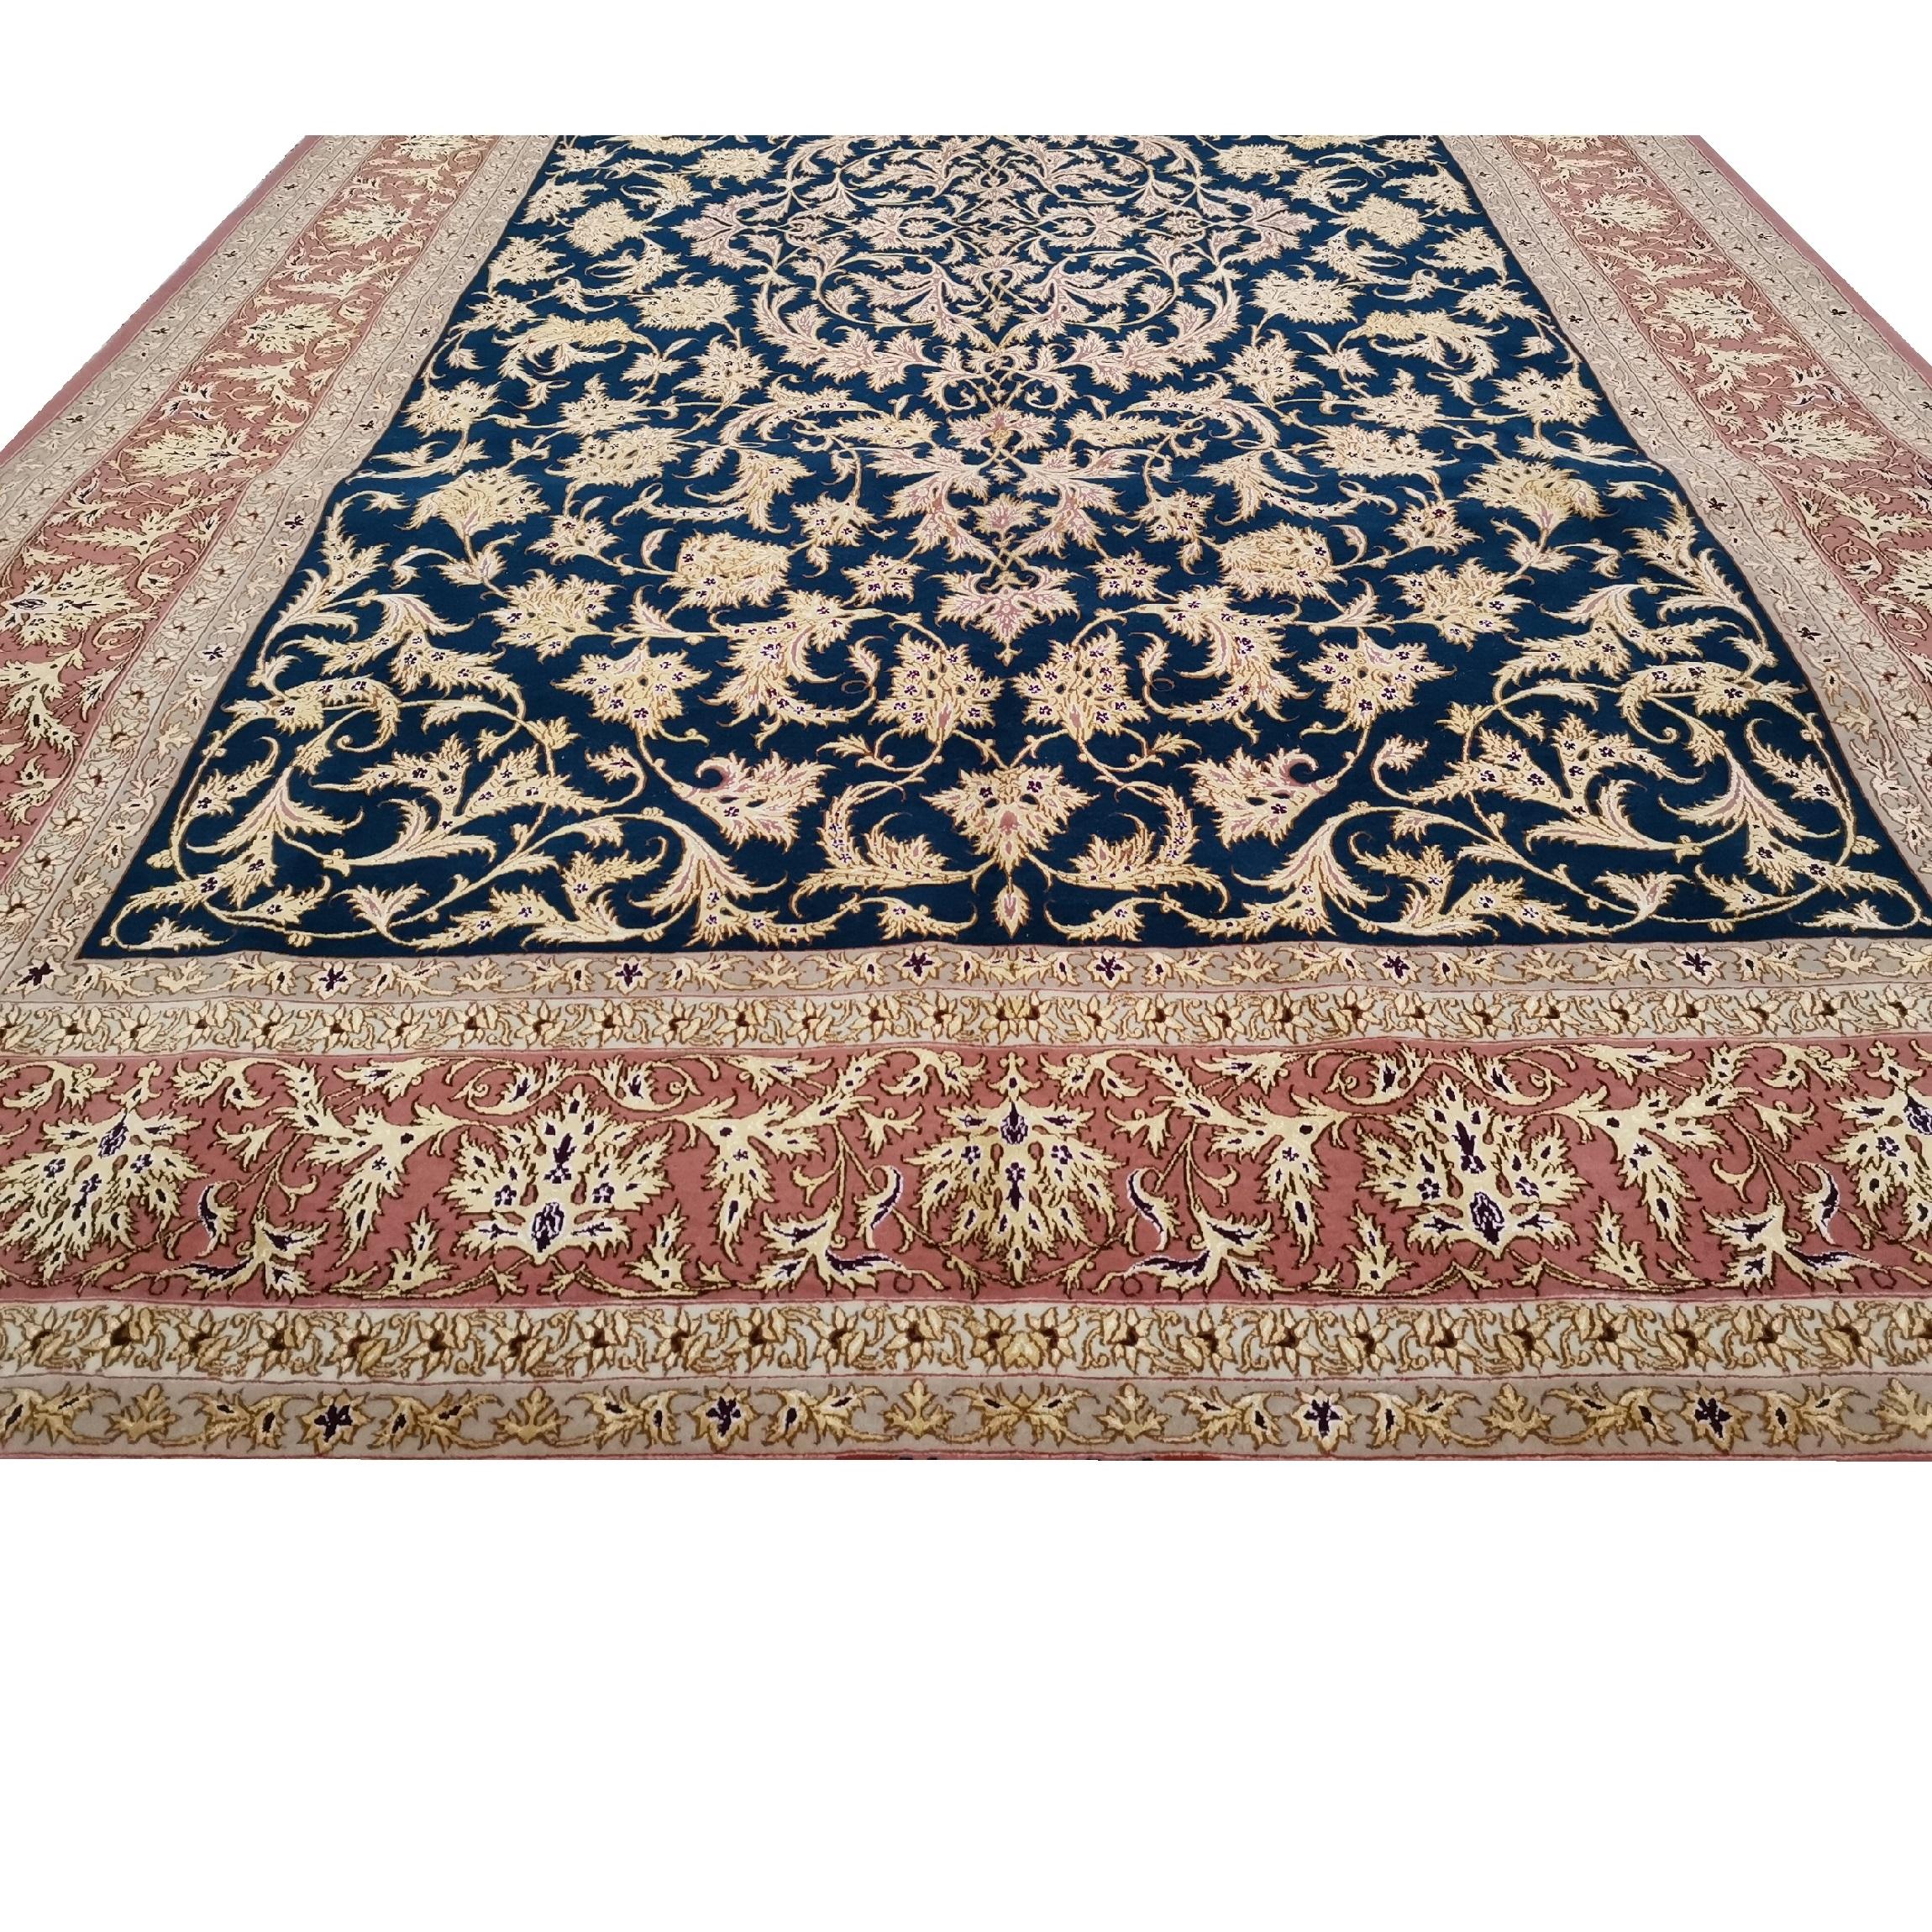 فرش دستبافت شش متری فروغی کد 139911 یک جفت